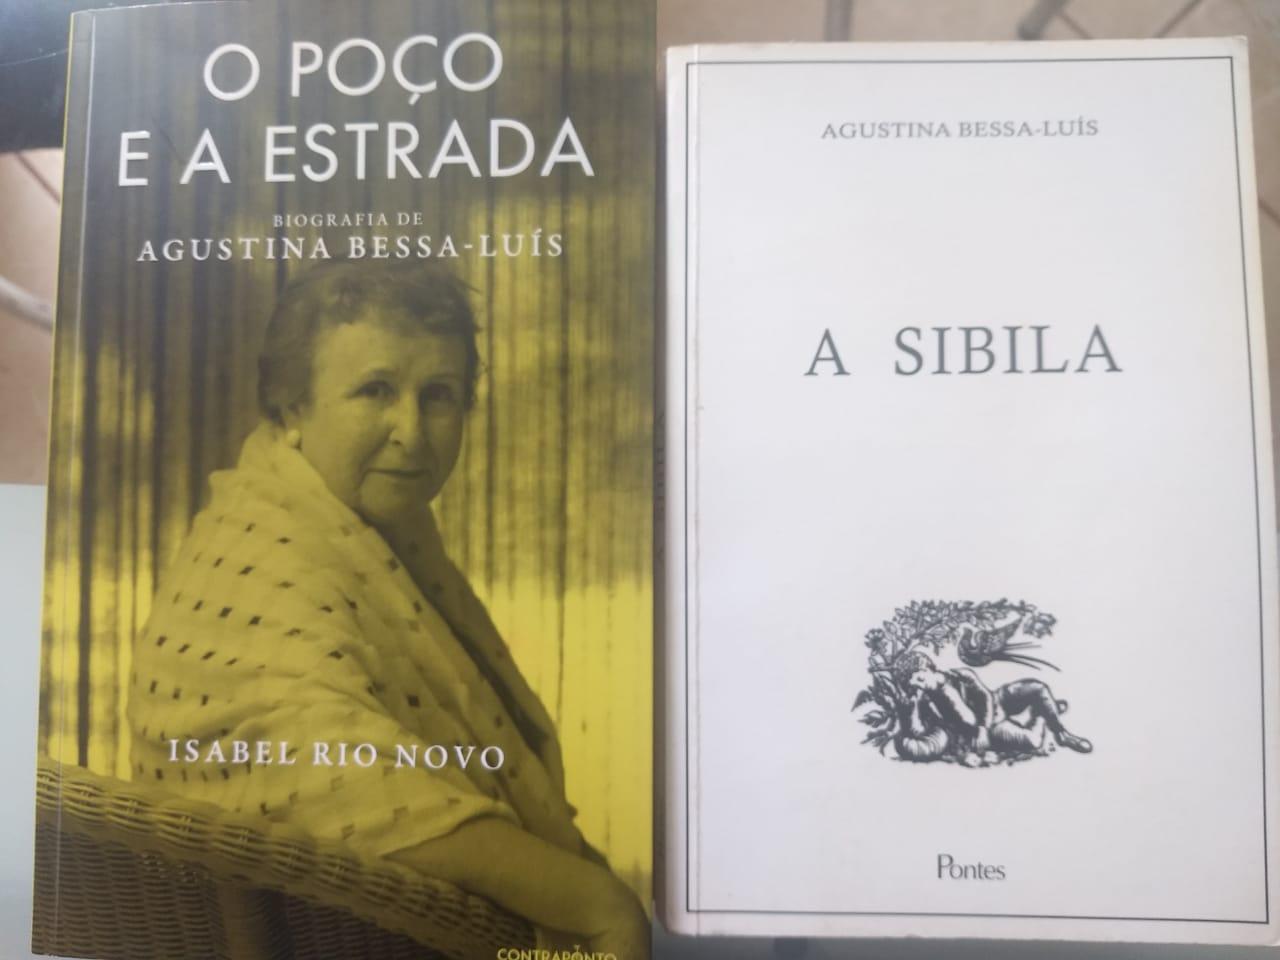 Biografia revela história de Agustina Bessa-Luís, que reinventou a literatura portuguesa